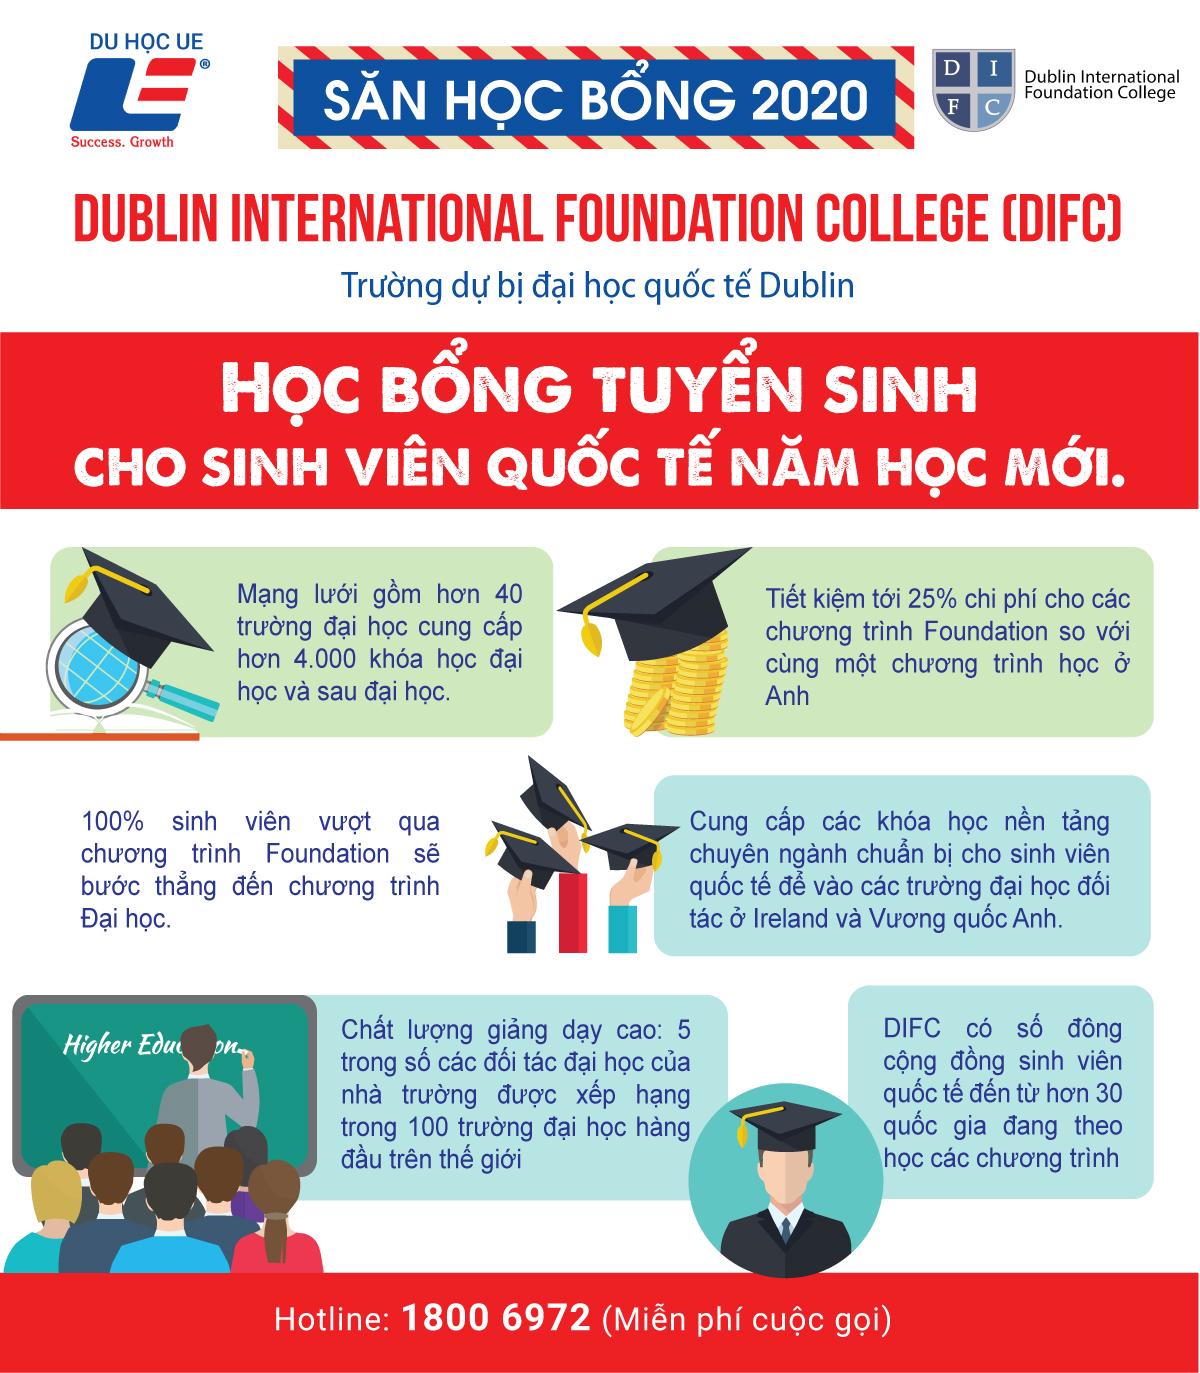 Cơ hội săn học bổng tại Dublin International Foundation College dành cho sinh viên cấp 3 và dự bị thạc sĩ tại Ireland